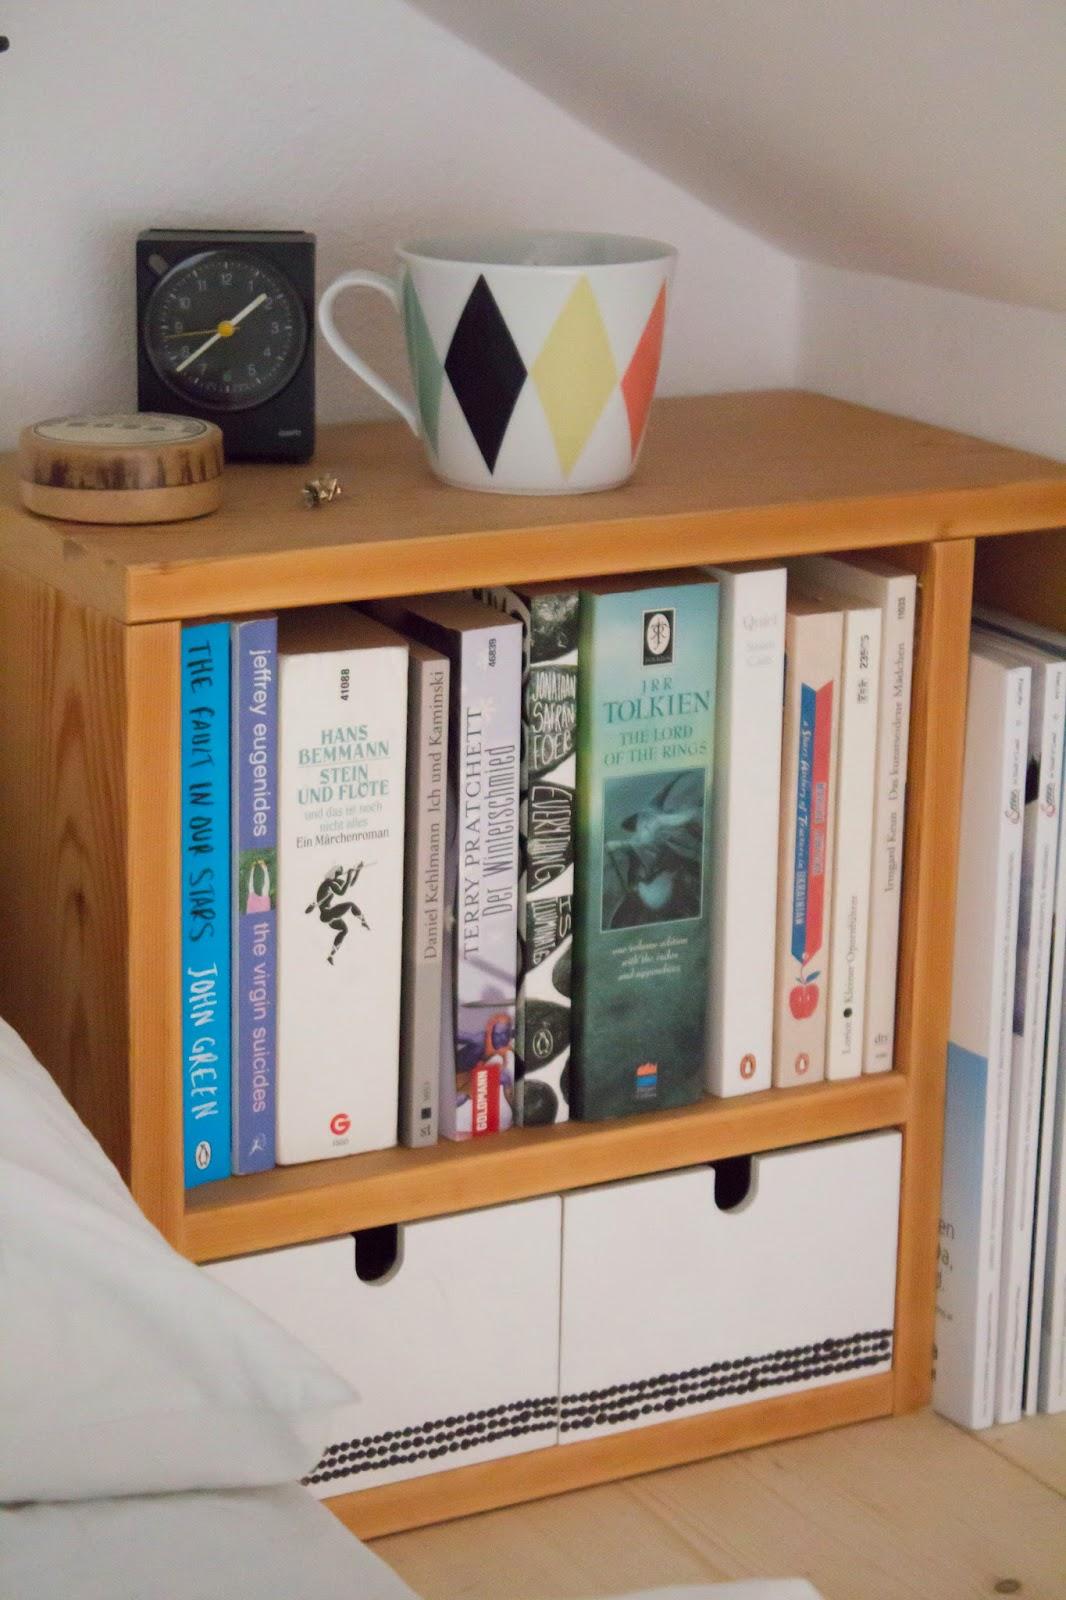 ach du gute g te blog ber salzburg design wohnen diy mein schlafzimmer w rg. Black Bedroom Furniture Sets. Home Design Ideas